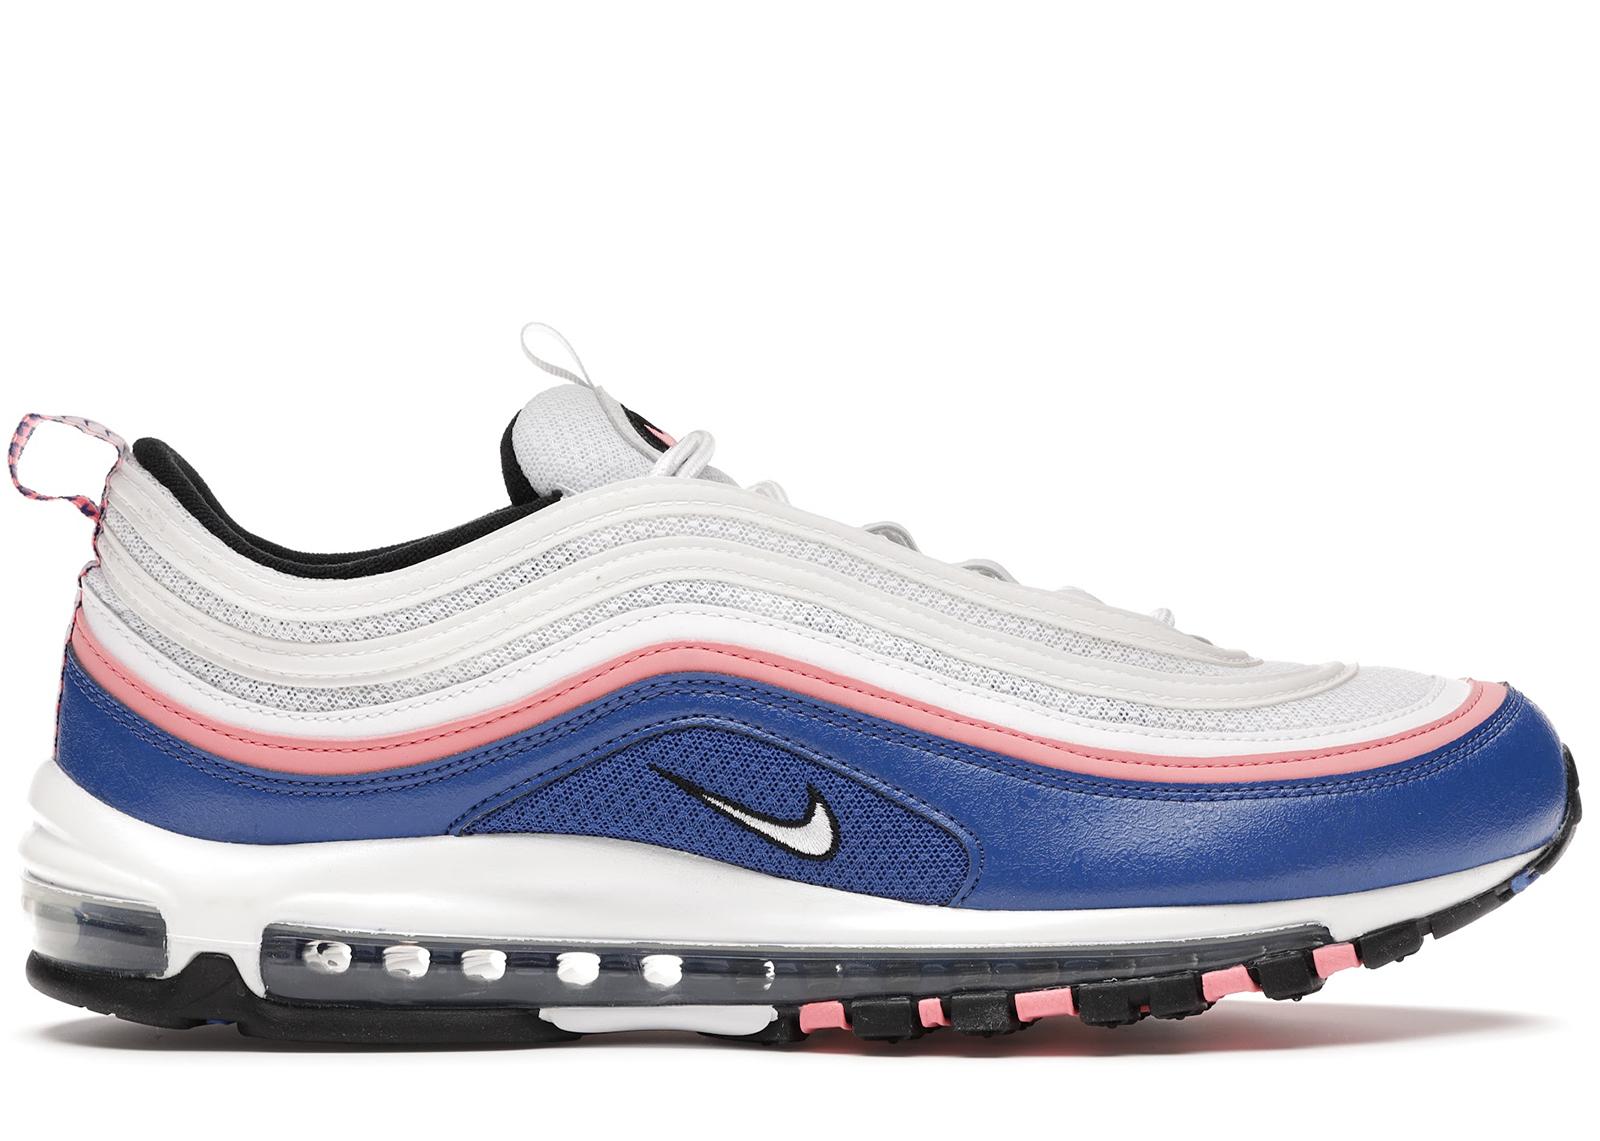 Nike Air Max 97 White Game Royal Pink Gaze - 921826-107